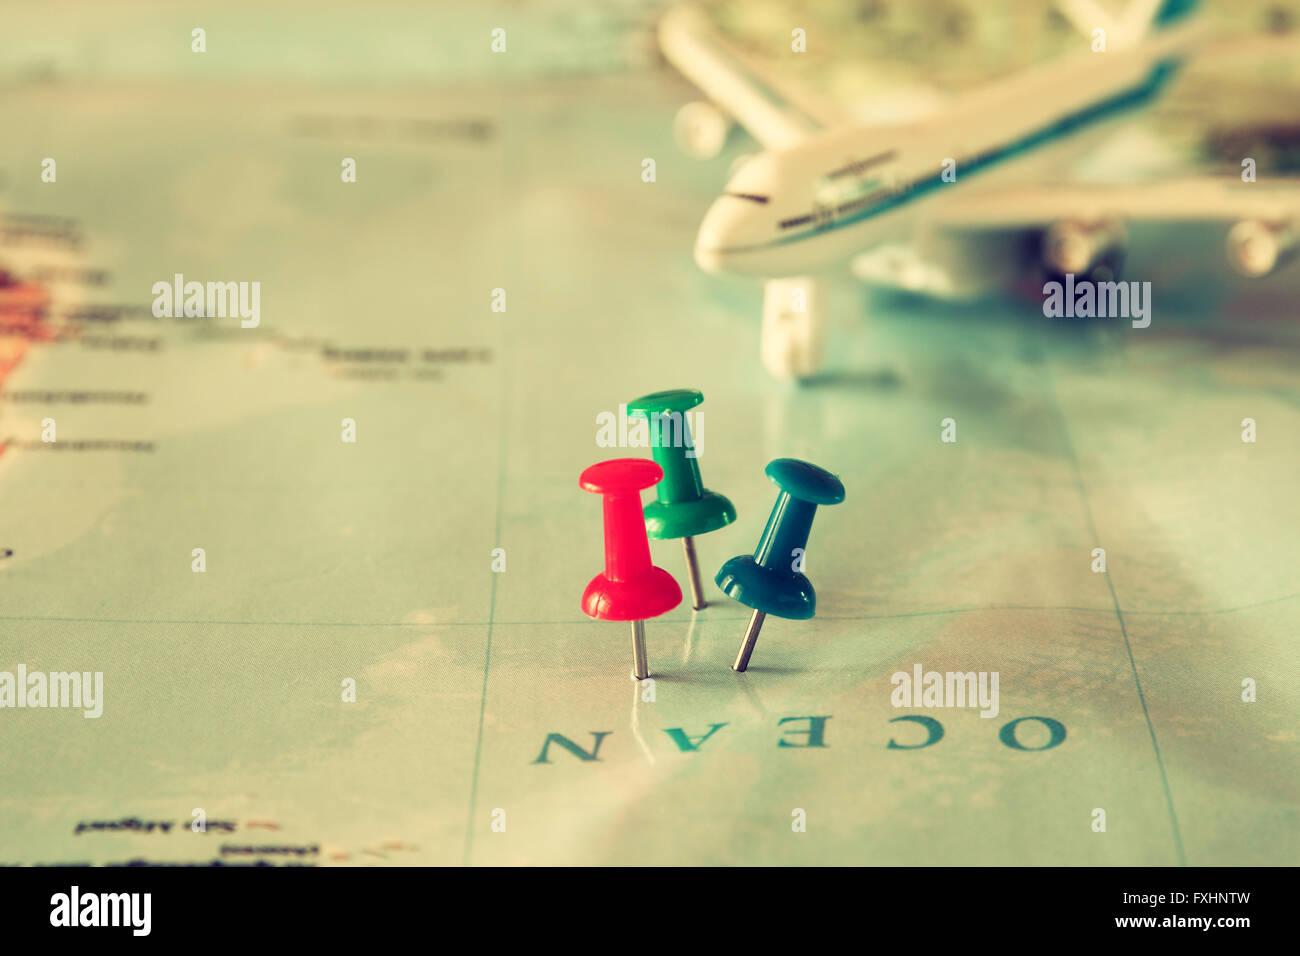 Stifte angebracht, um die Karte, Lage oder Reisen Reiseziel zeigen. Retro-Stil Bild. selektiven Fokus. Stockbild